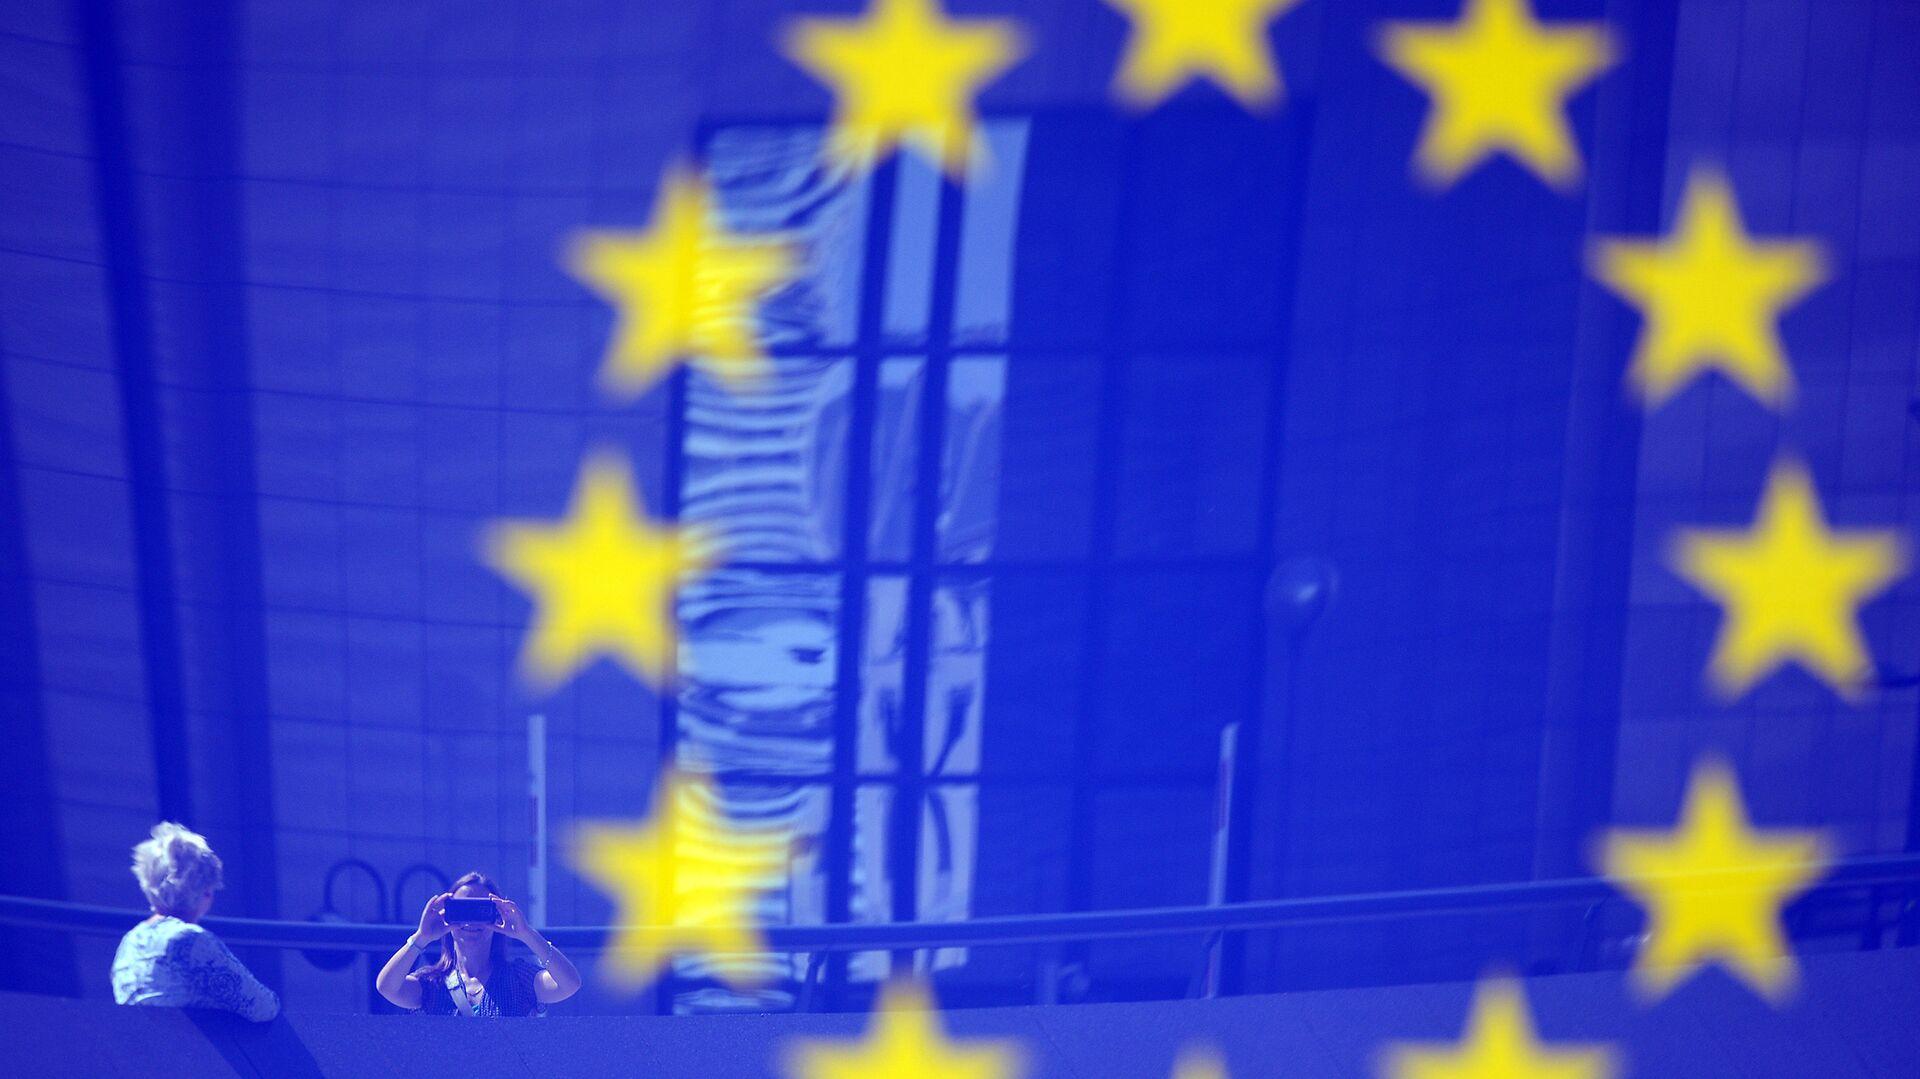 Европа наконец признала свою вину перед Россией